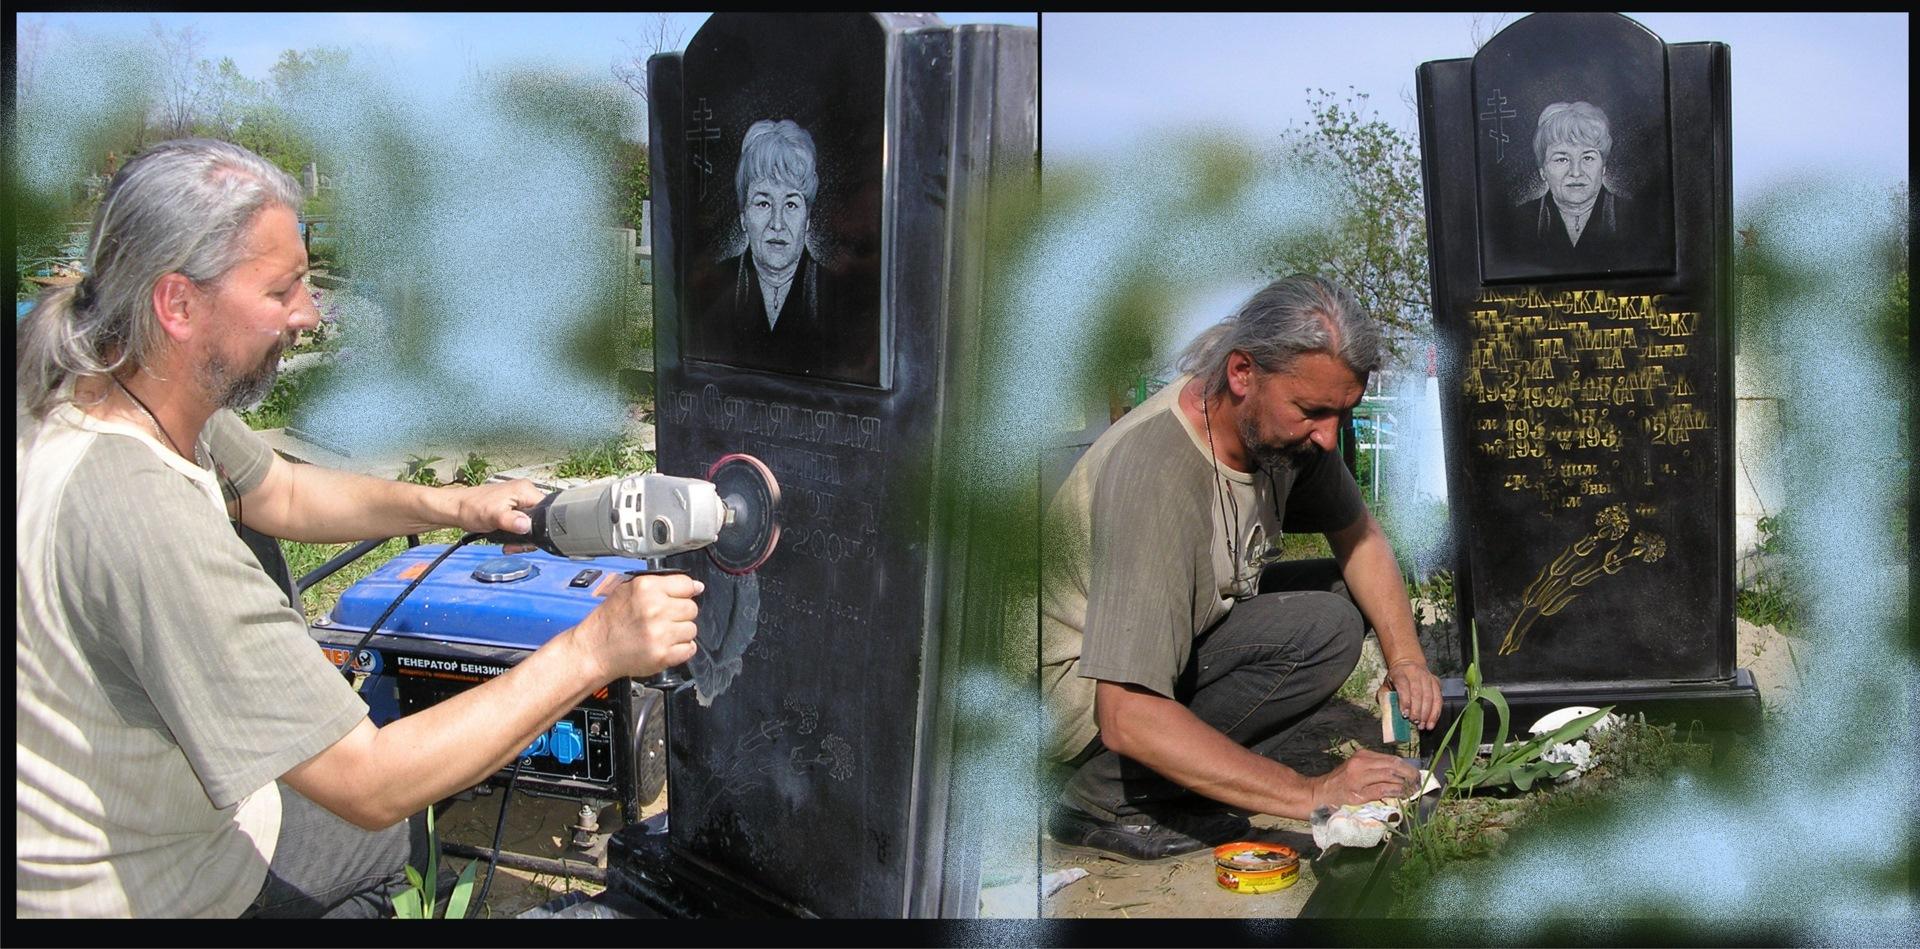 лига делать ли фото на памятник купить товары надежных